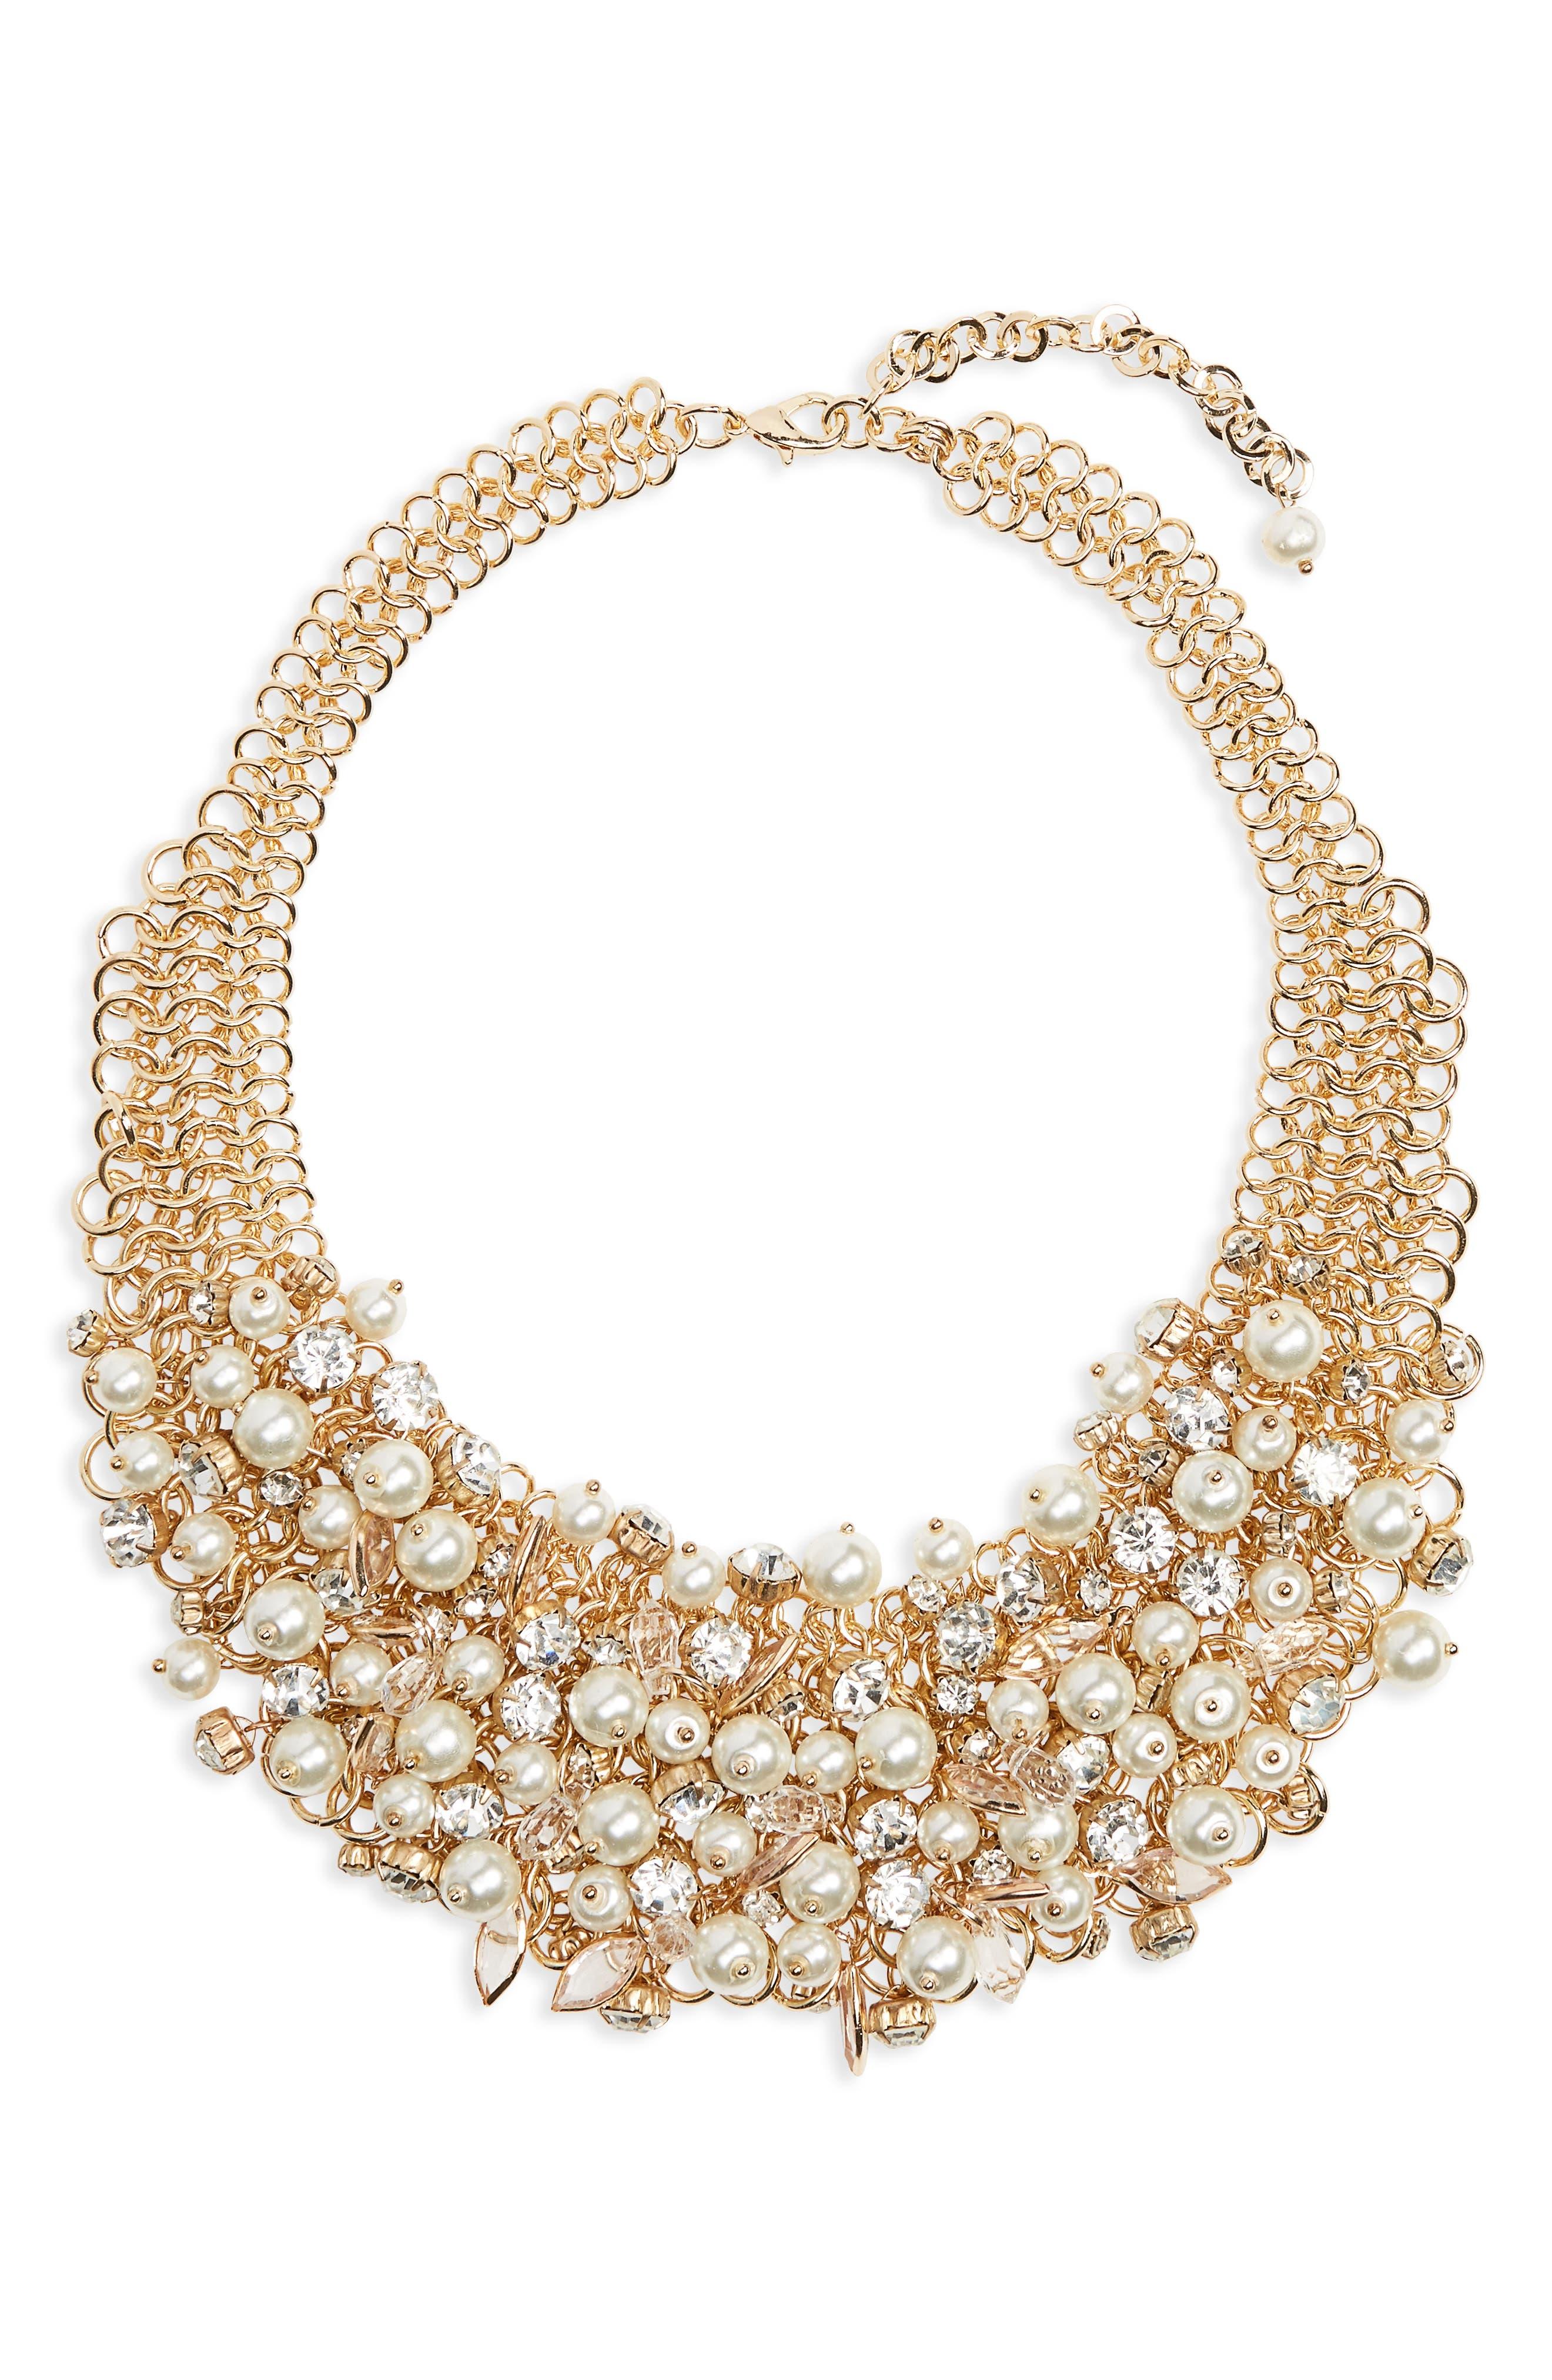 Imitation Pearl & Crystal Bib Necklace,                             Main thumbnail 1, color,                             710